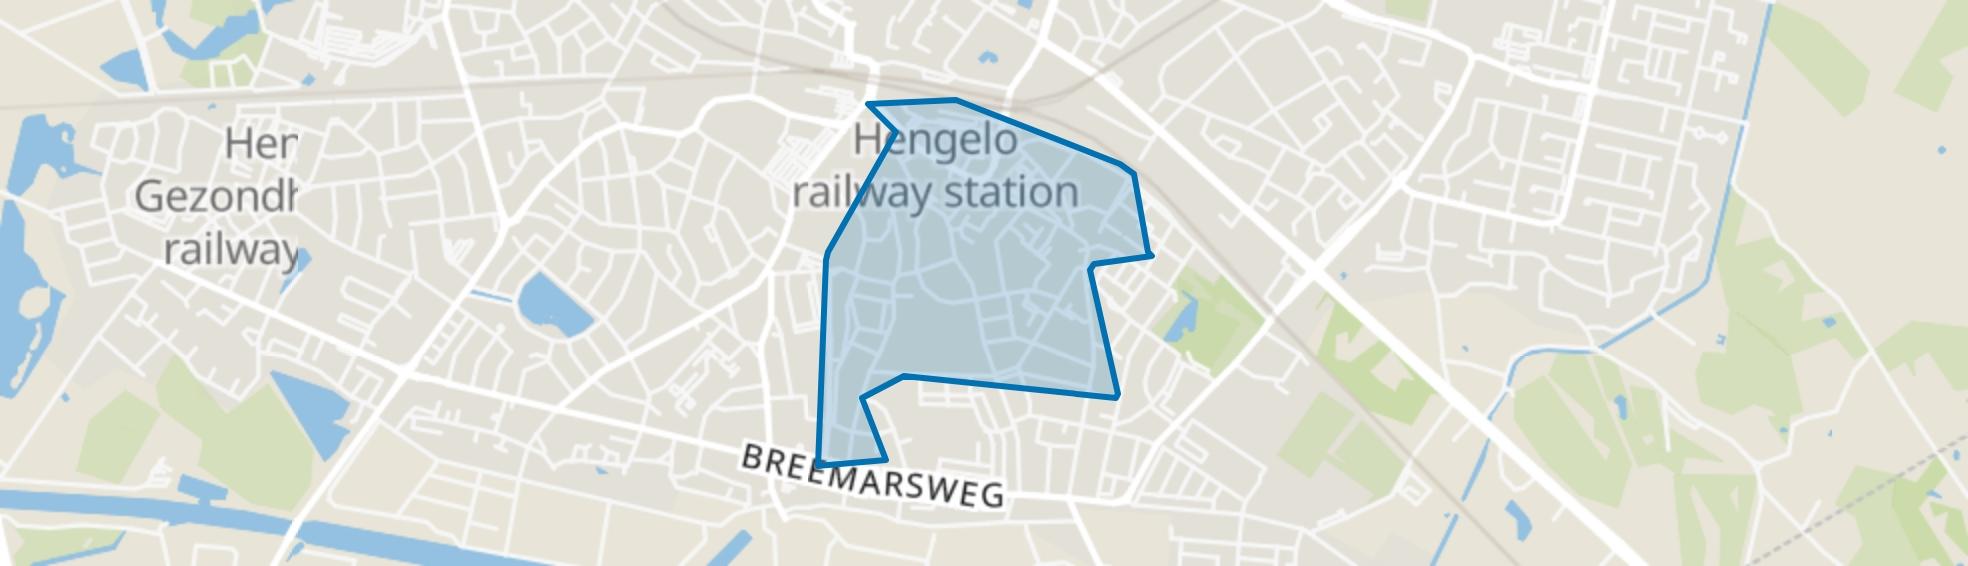 Berflo Es Noord, Hengelo (OV) map